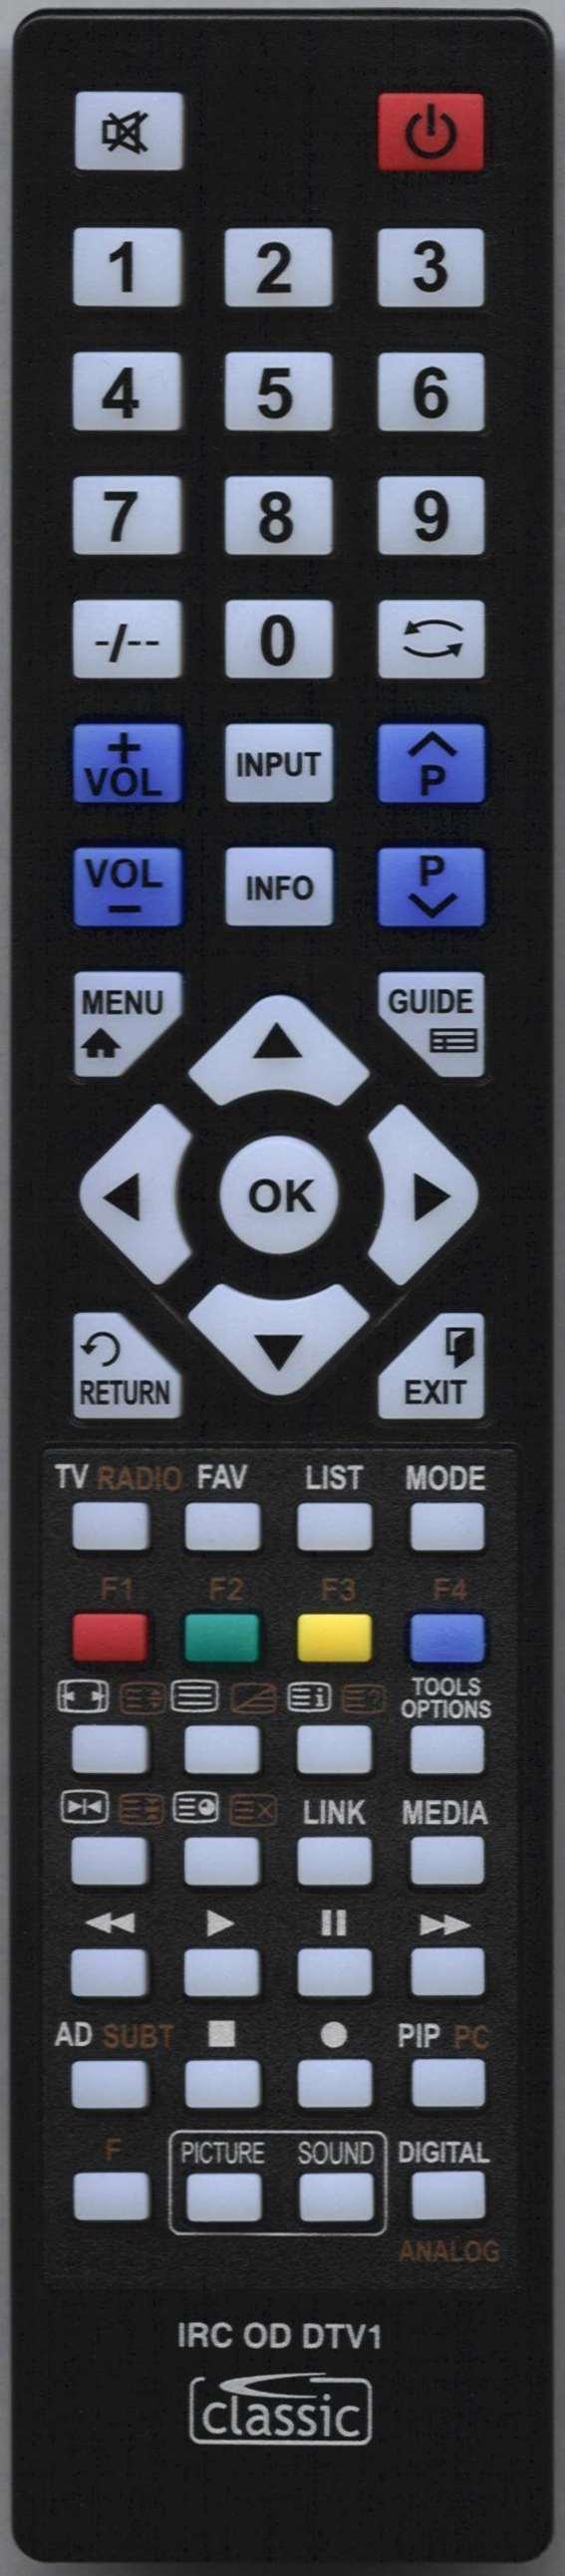 BLAUPUNKT 50/148Z-GB-5B2-FGBKUOW-EU Remote Control